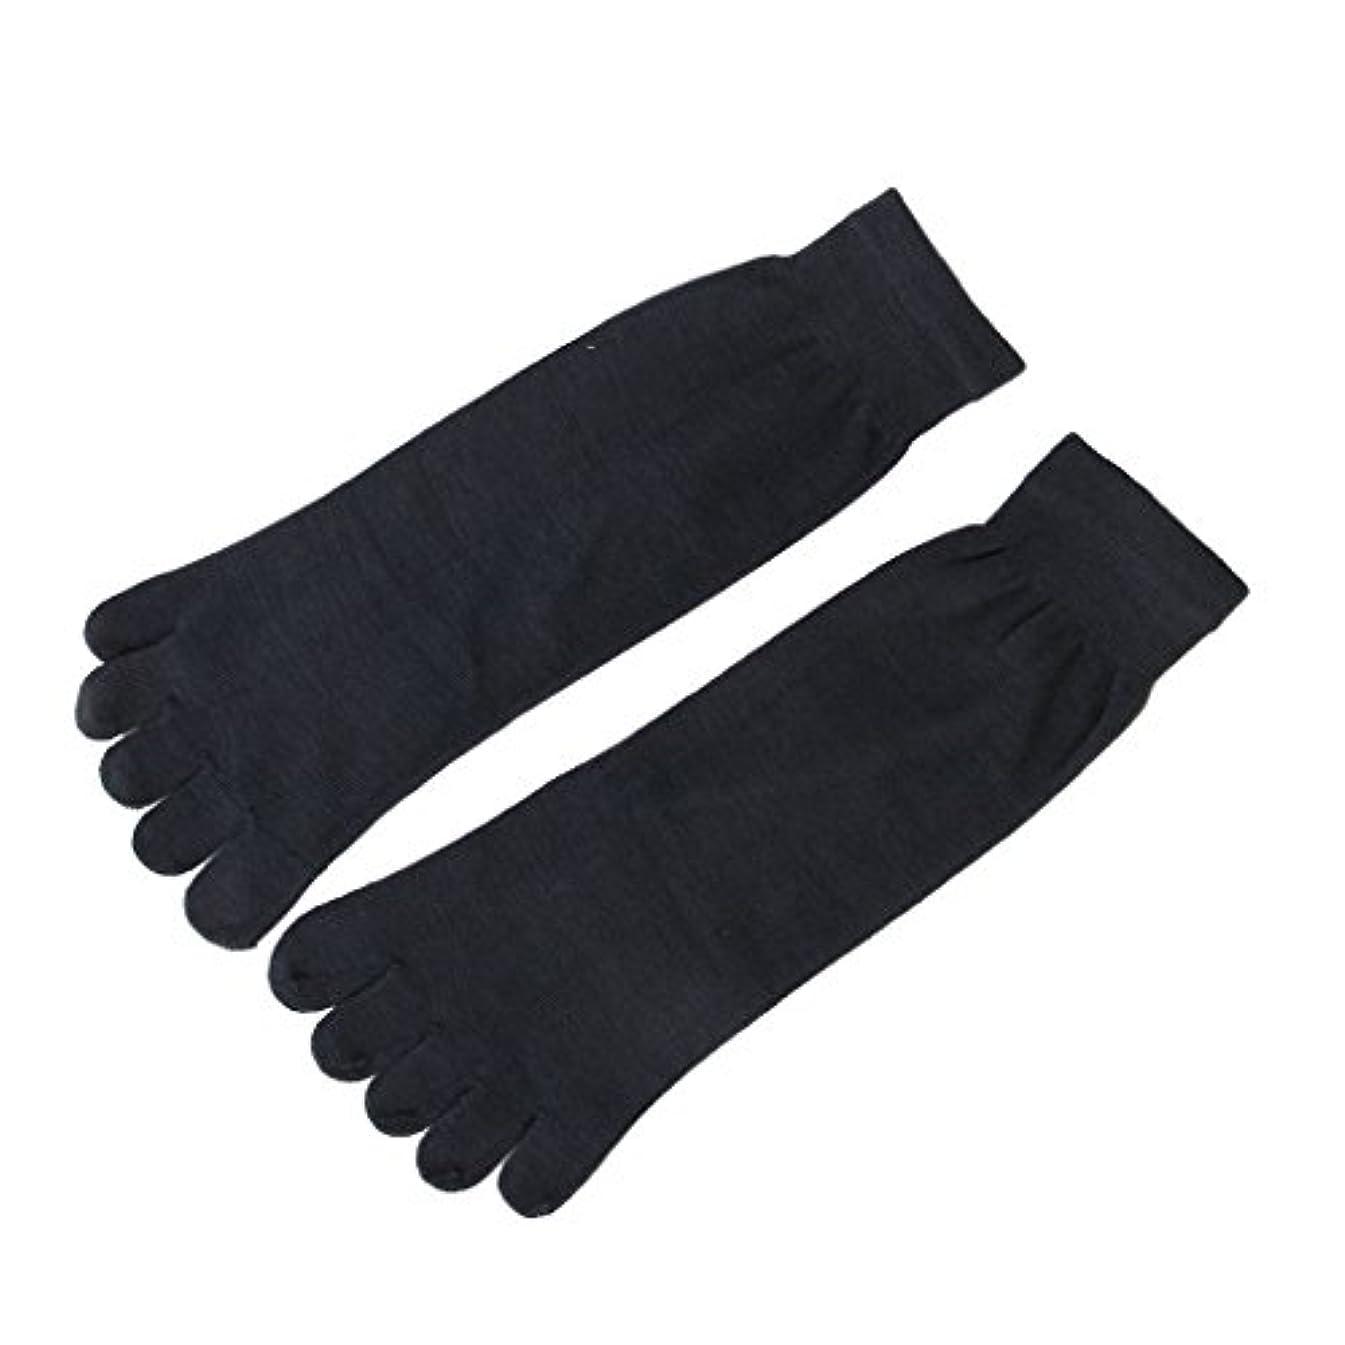 特性テナントハイランド【Footful】ソックス 靴下 くつ下 五本指ソックス サポートソックス 全4色 (ダークグレー)